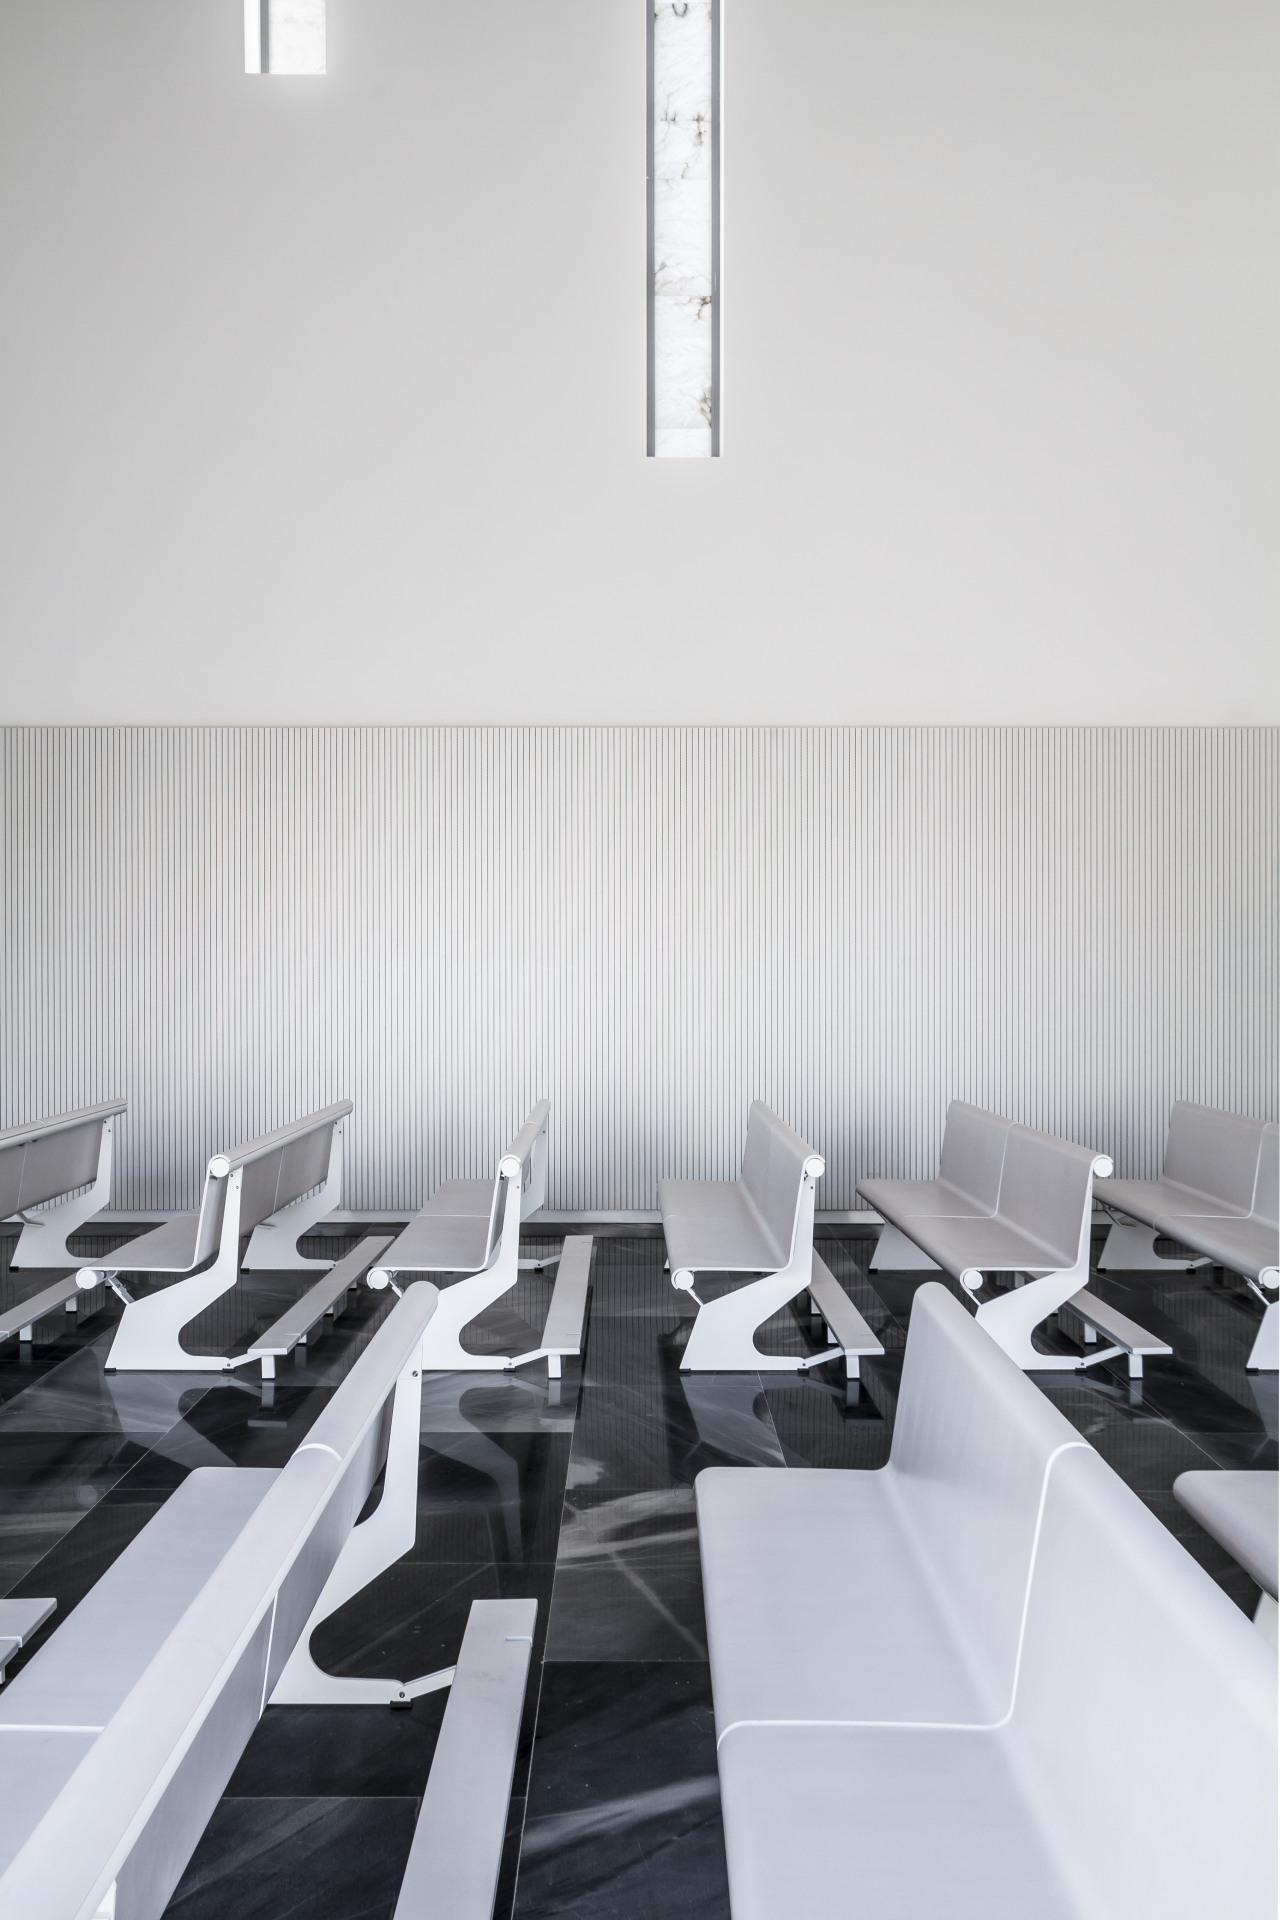 fotografia-arquitectura-valencia-german-cabo-hernandez-monasterio (32)